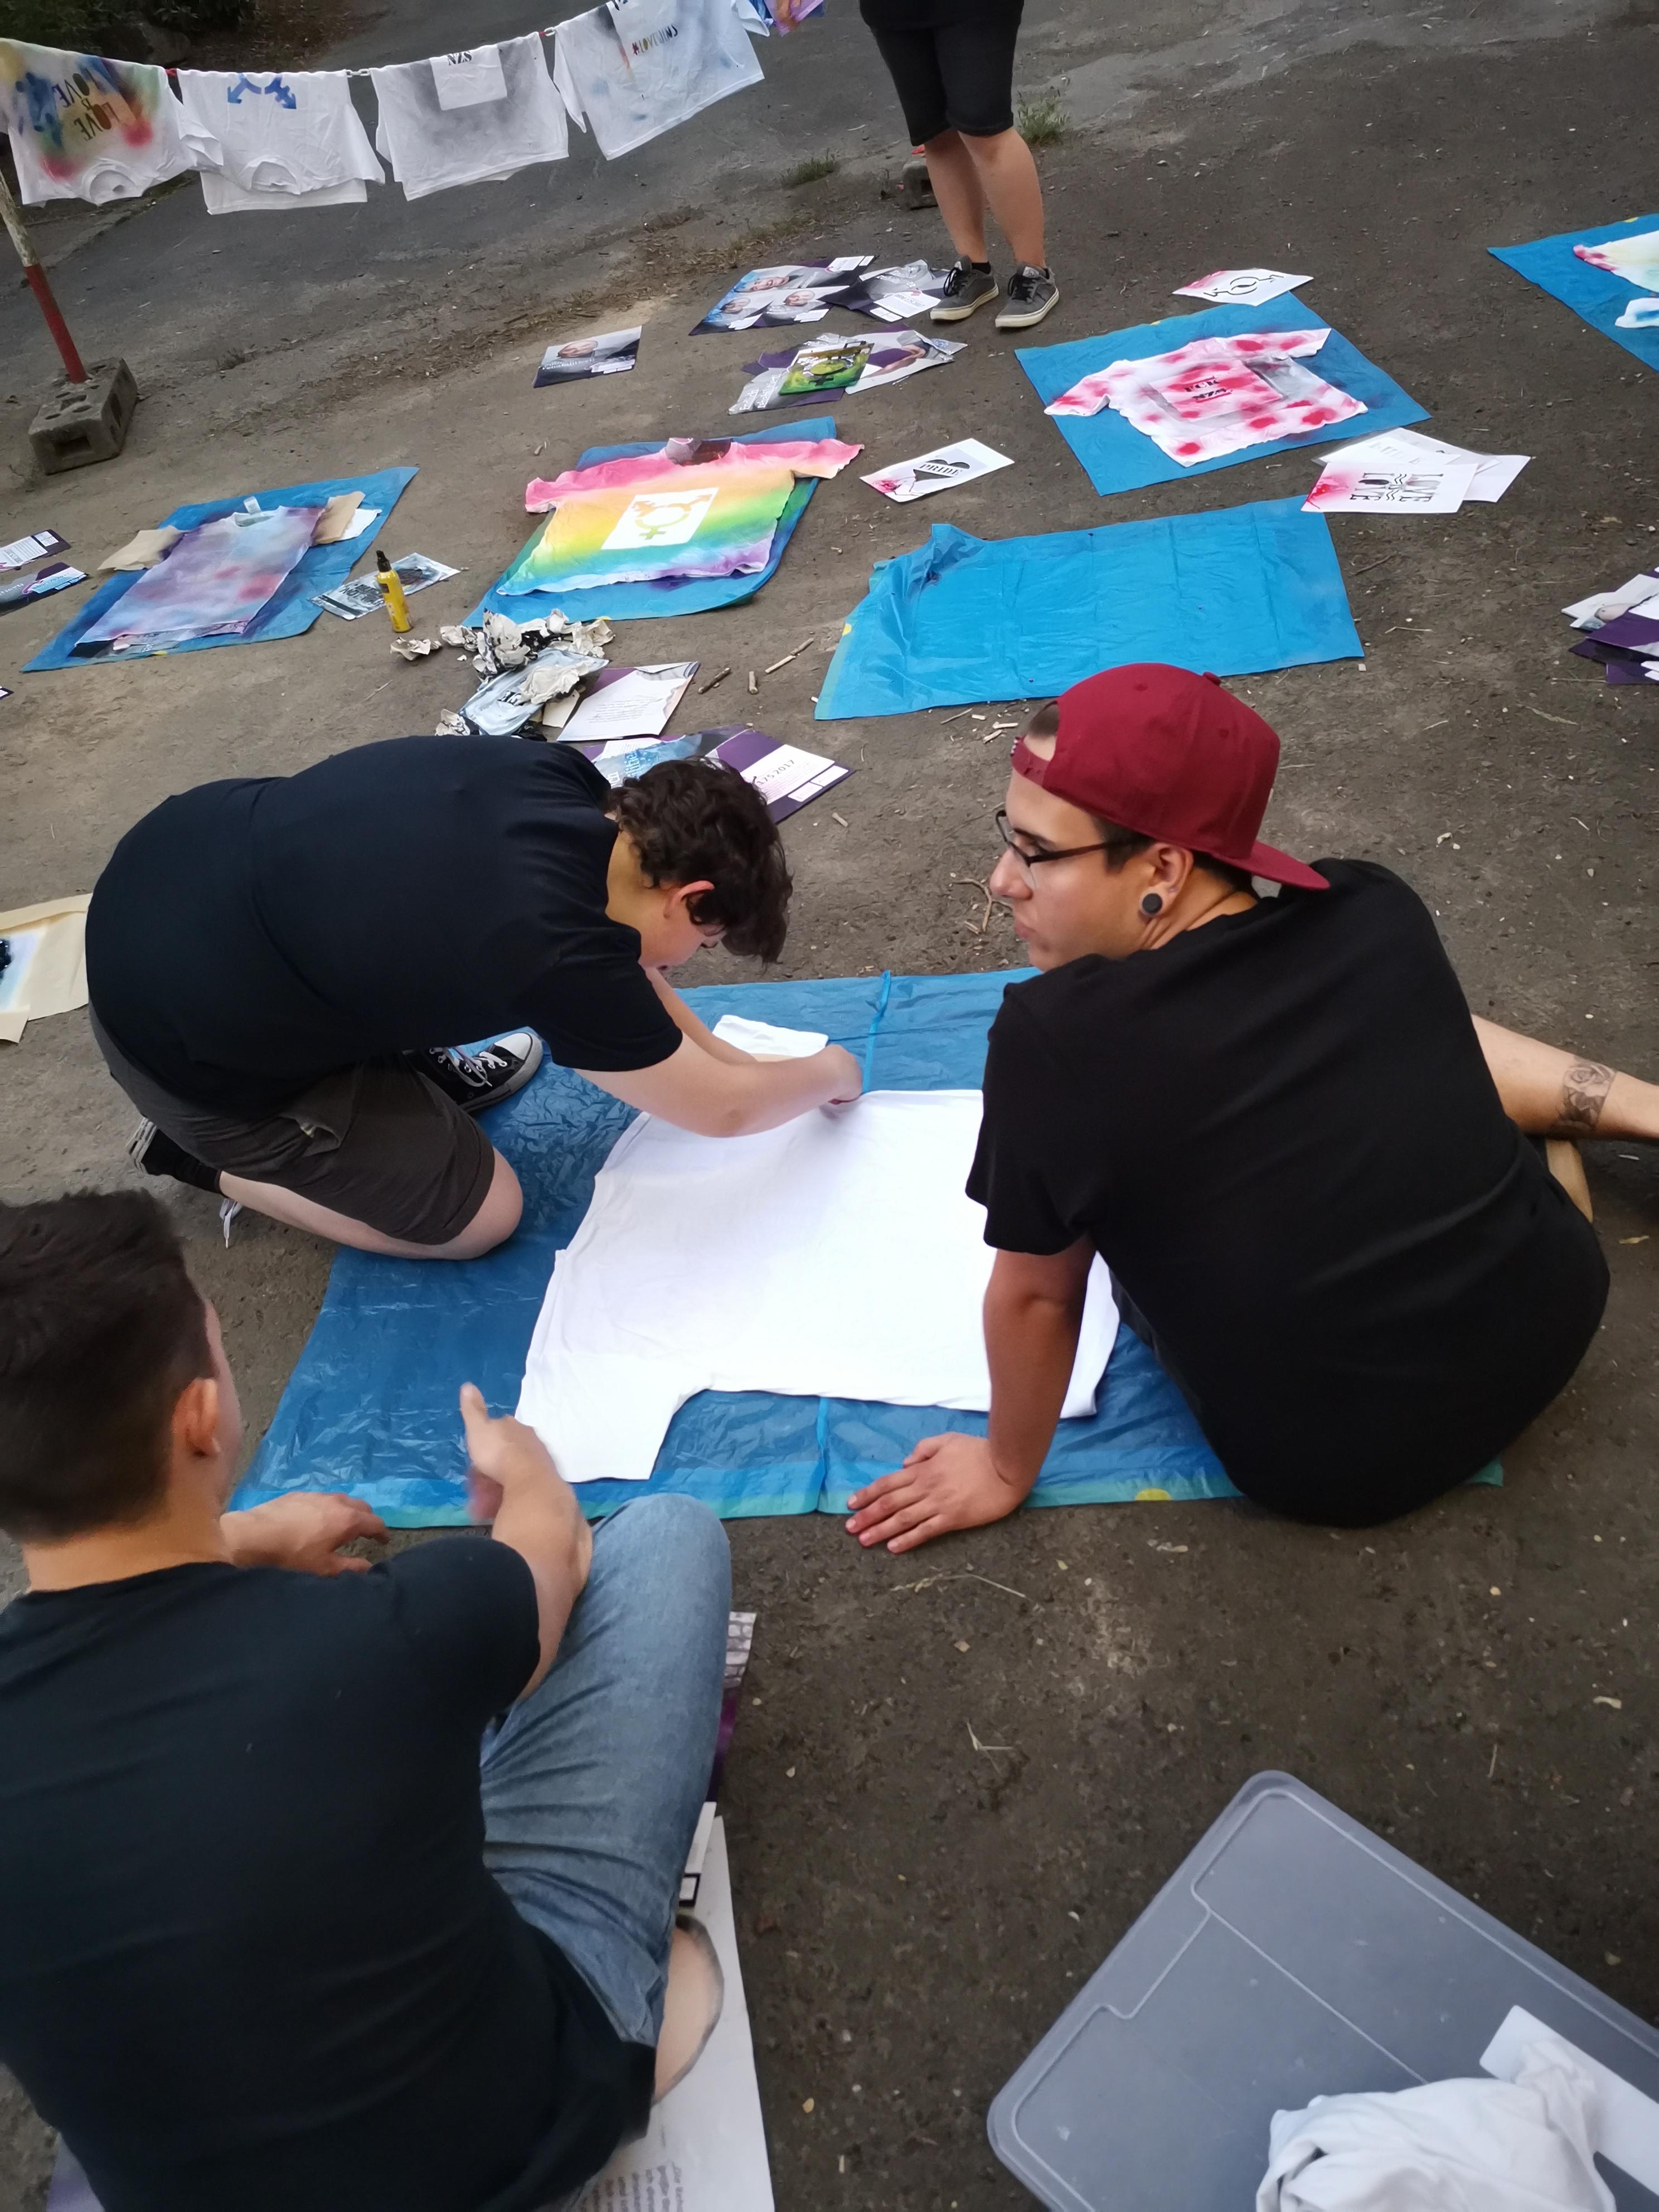 Das Bild zeigt Menschen bei Plakate bemalen